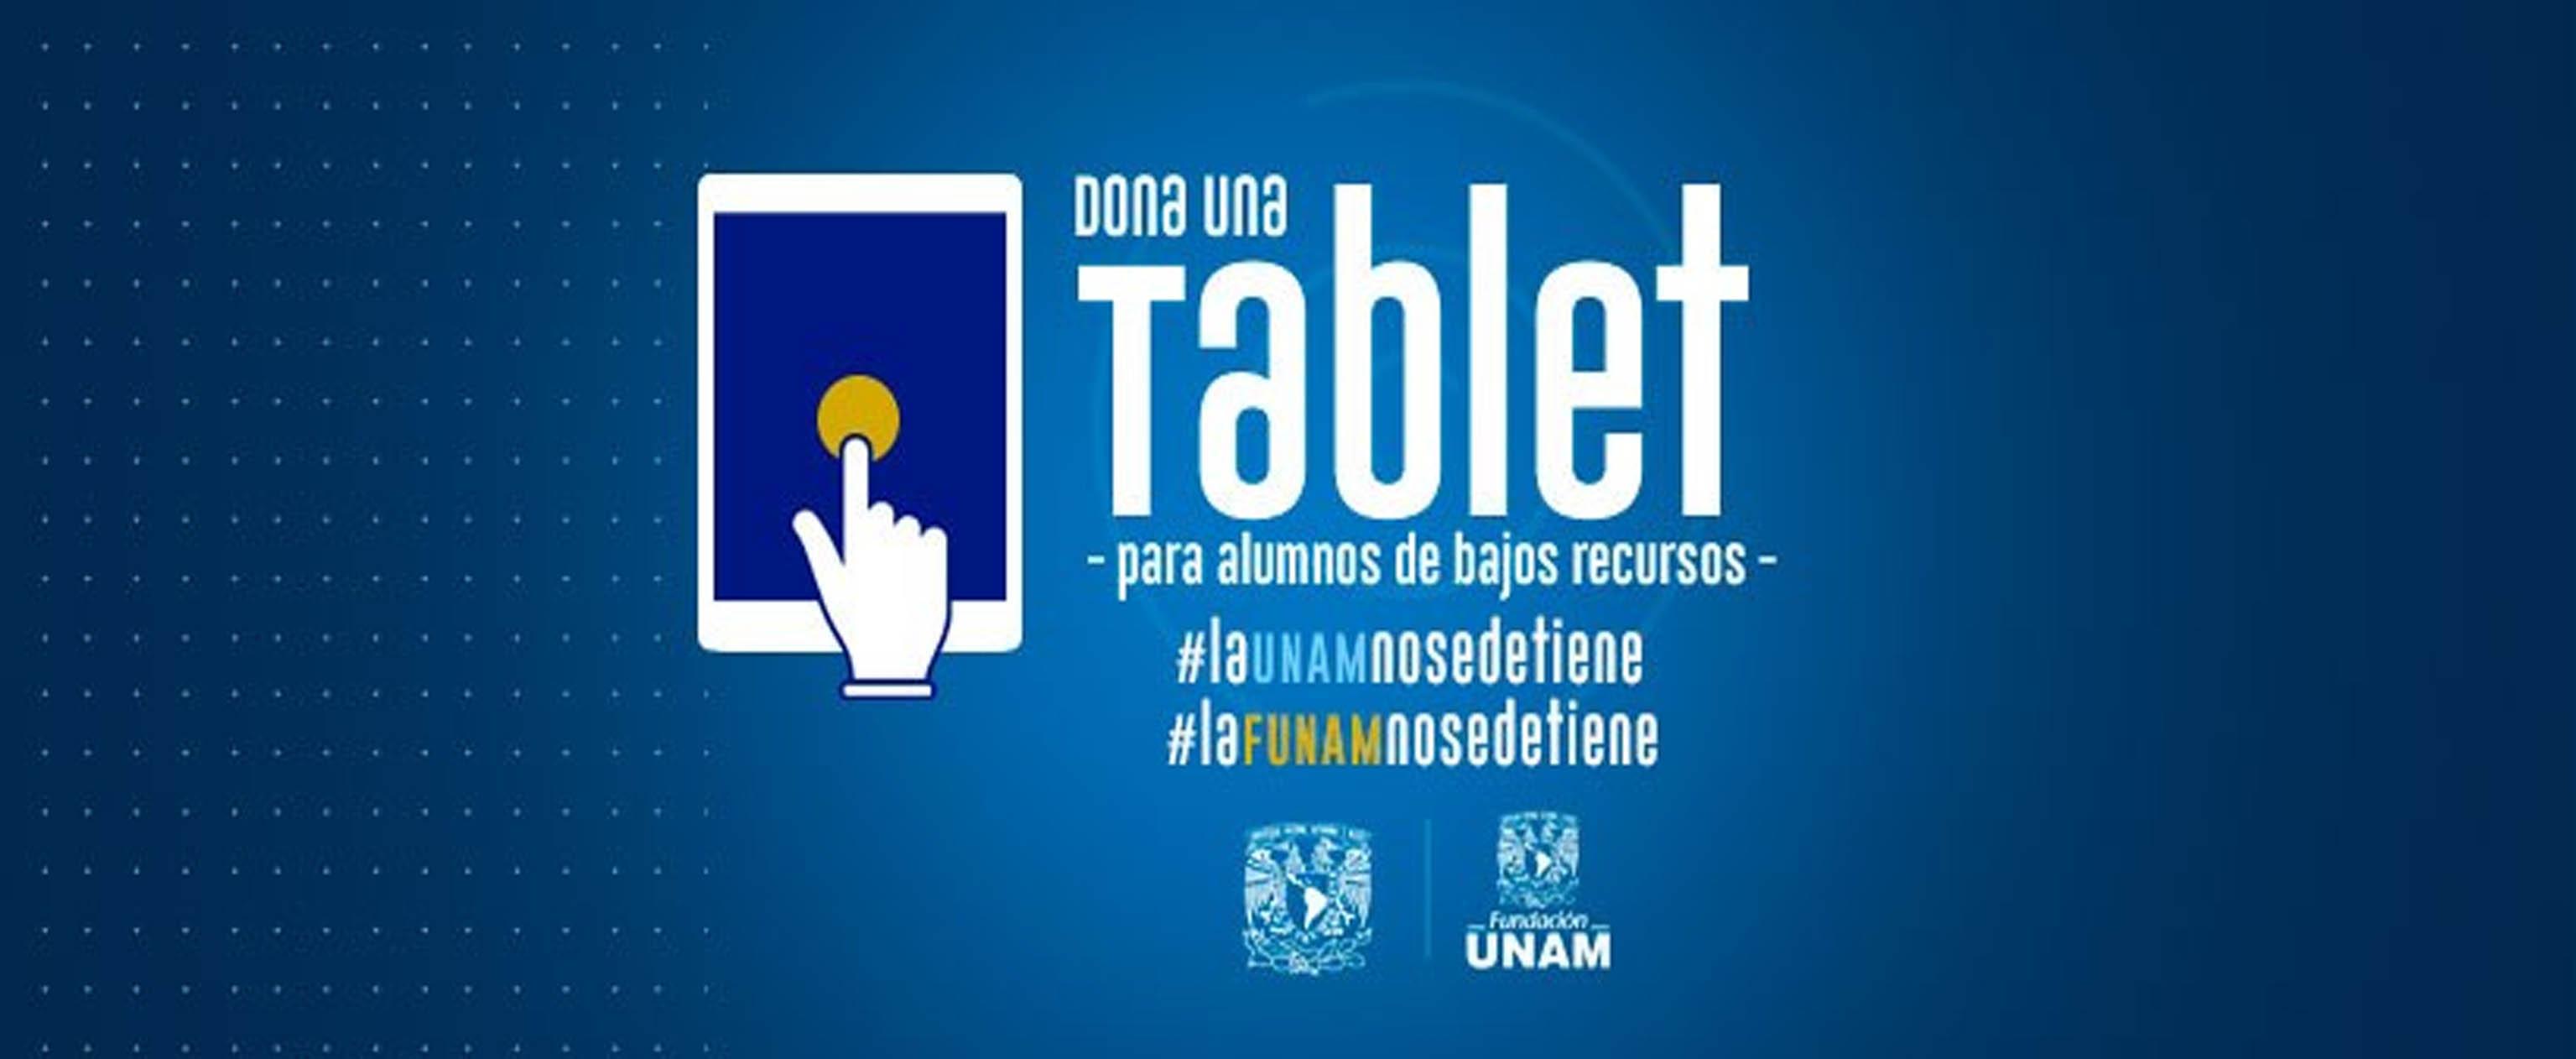 UNAM INICIA CAMPAÑA PARA DOTAR TABLETAS A UNIVERSITARIOS DE BAJOS RECURSOS Y BUENOS PROMEDIOS